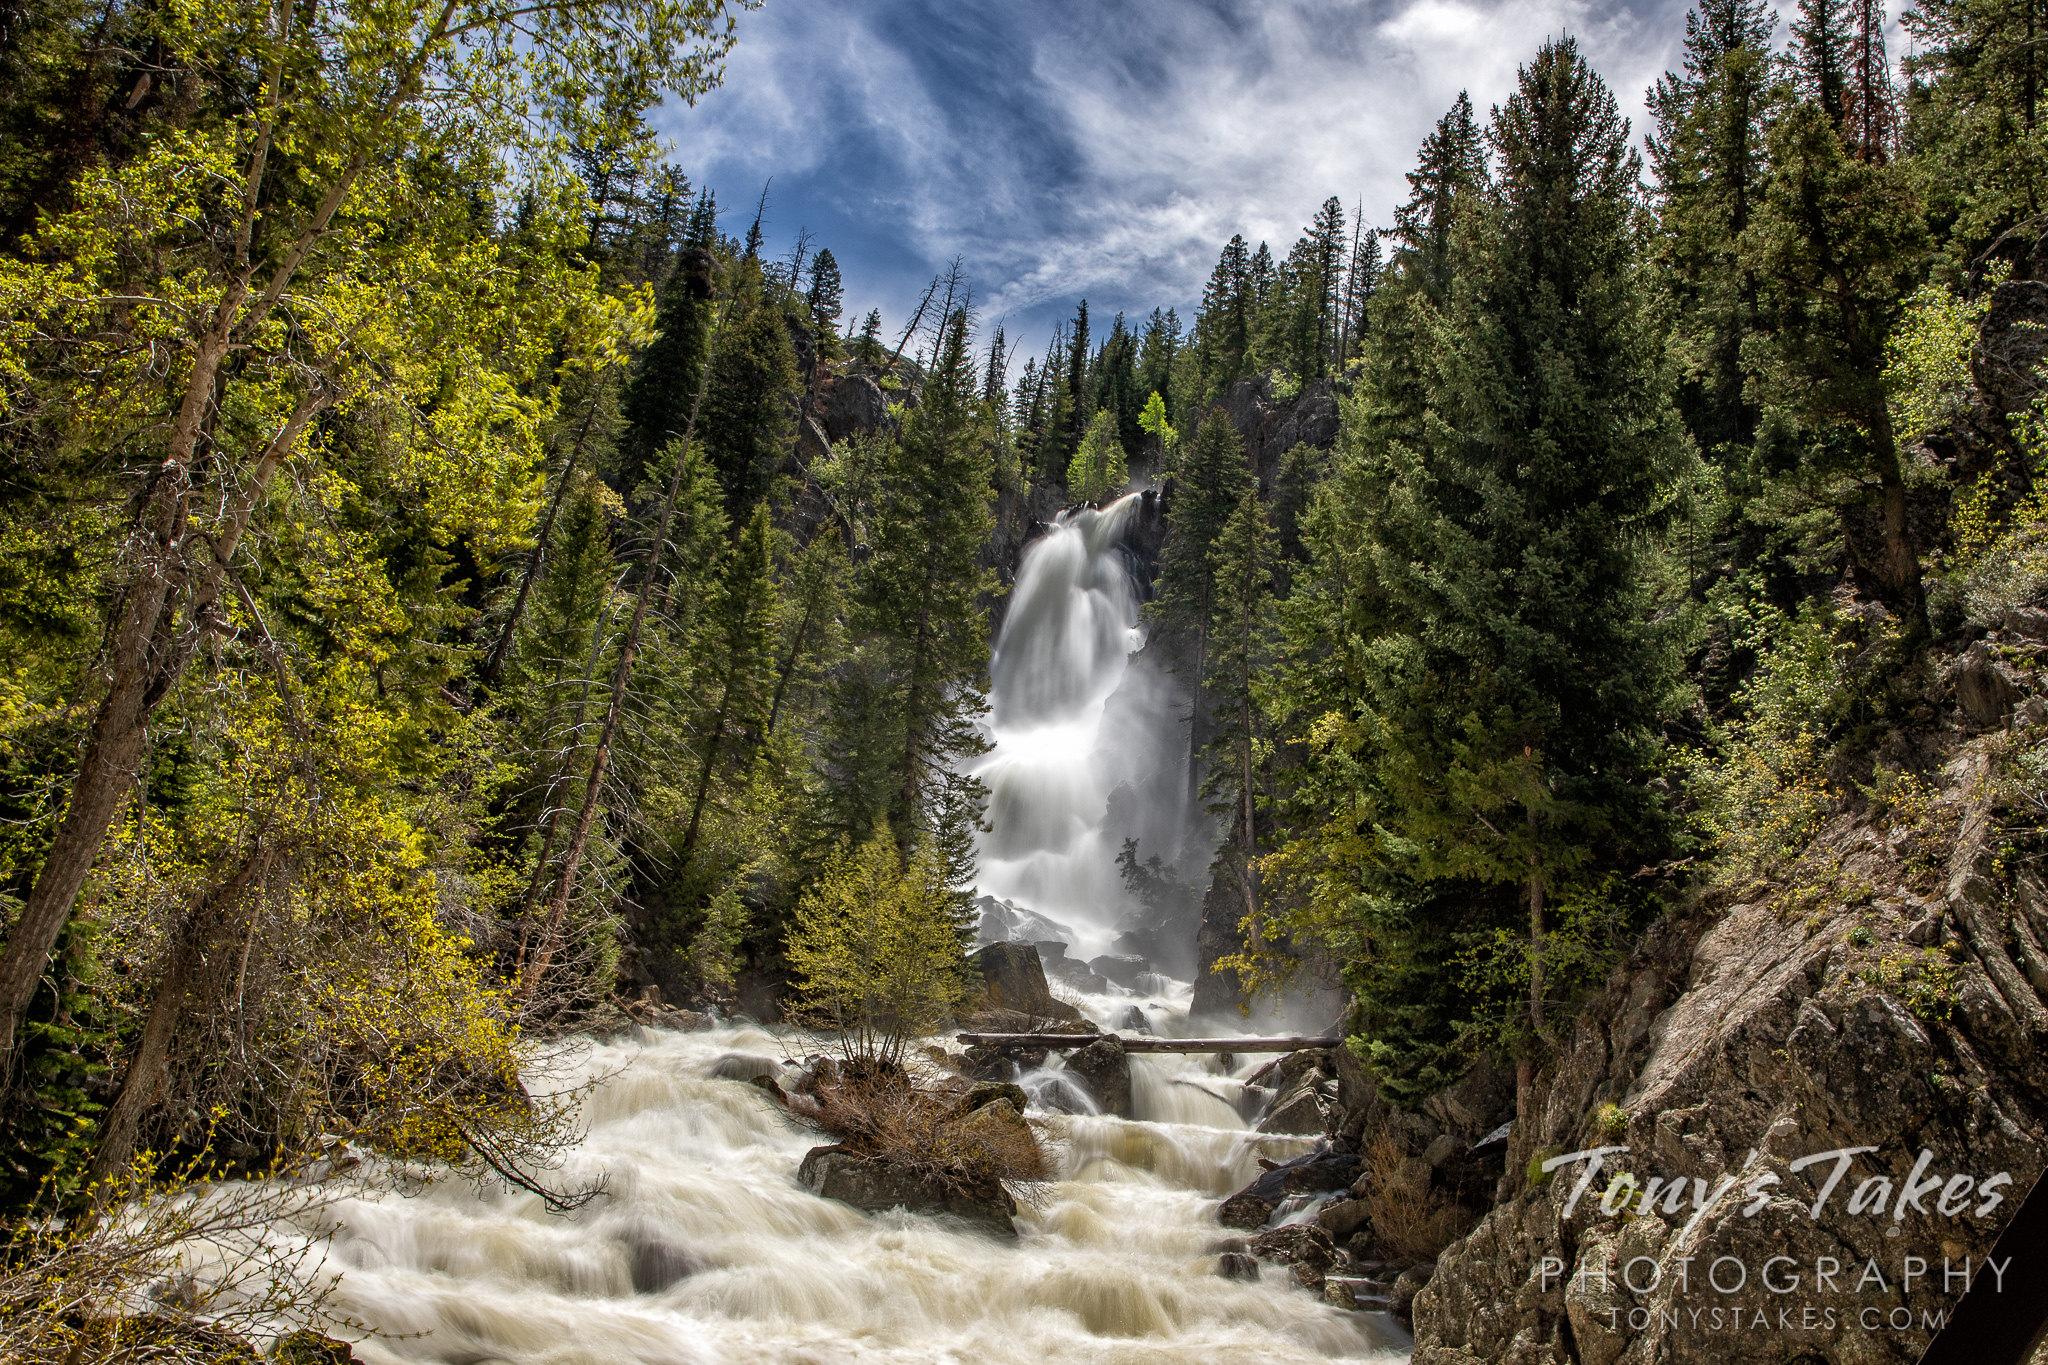 Roaring mountain waterfall